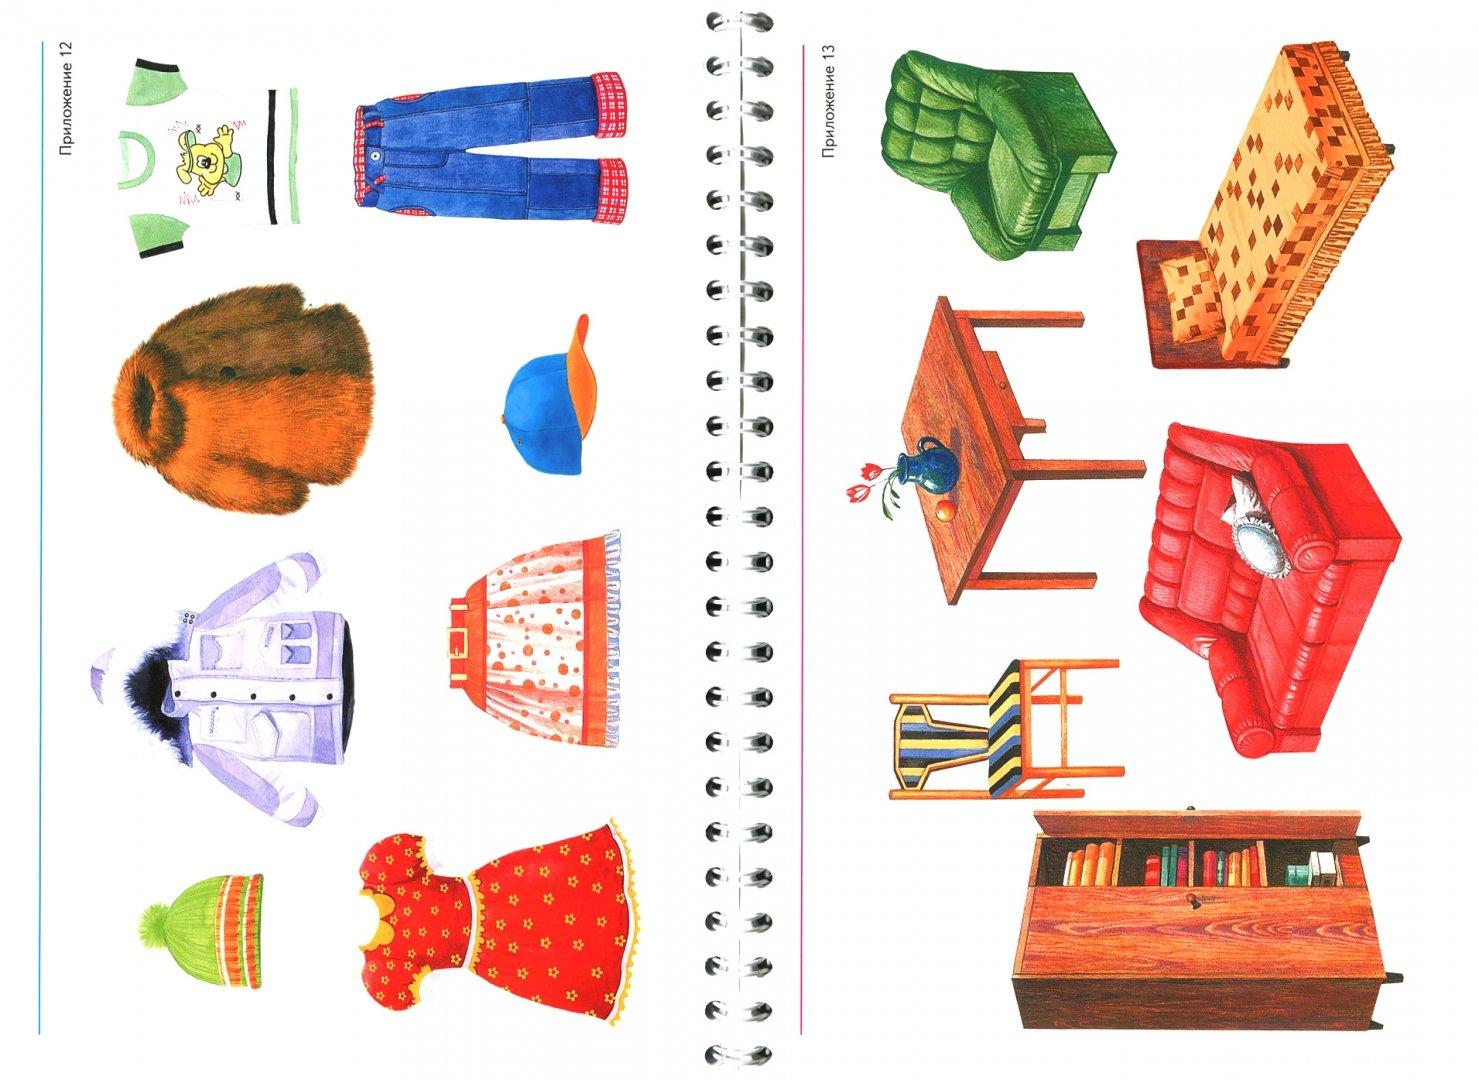 материалы для занятий с детьми в картинках потолка технология инструкция